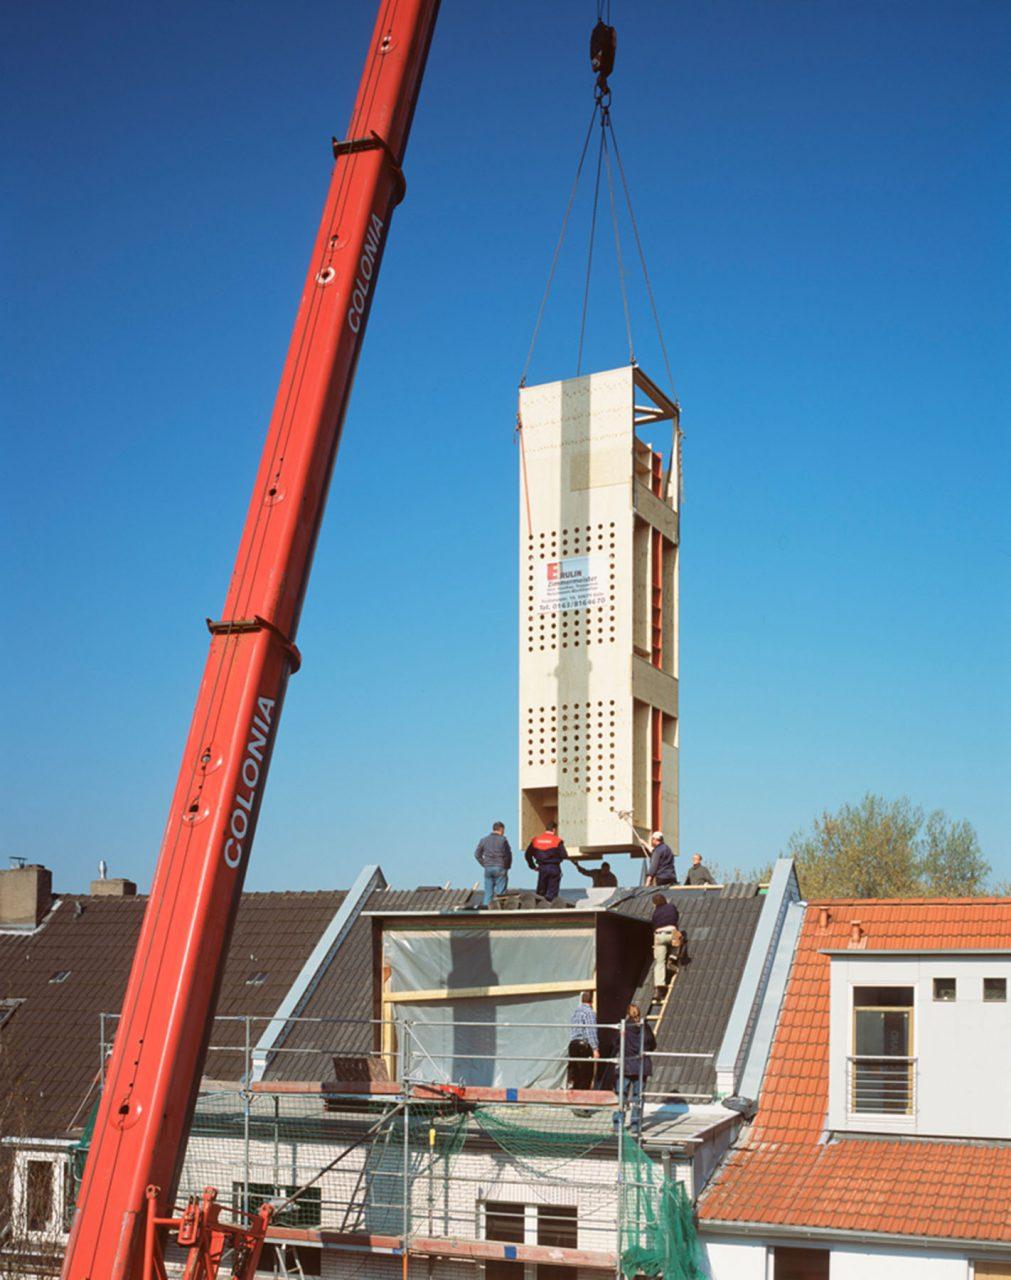 neo_leo. Lüderwaldt Architekten und Erulin arbeiteten bereits ähnlich erfolgreich beim Kölner Projekt neo_leo zusammen. Hier verwandelt eine in der Schreinerwerkstatt komplett vorgefertigte und mit einem Kran durch das geöffnete Dach eingehobene hochformatige Holzkiste aus großformatigen Tafeln die Obergeschosse eines Gründerzeithauses in eine Wohnung über drei Etagen.